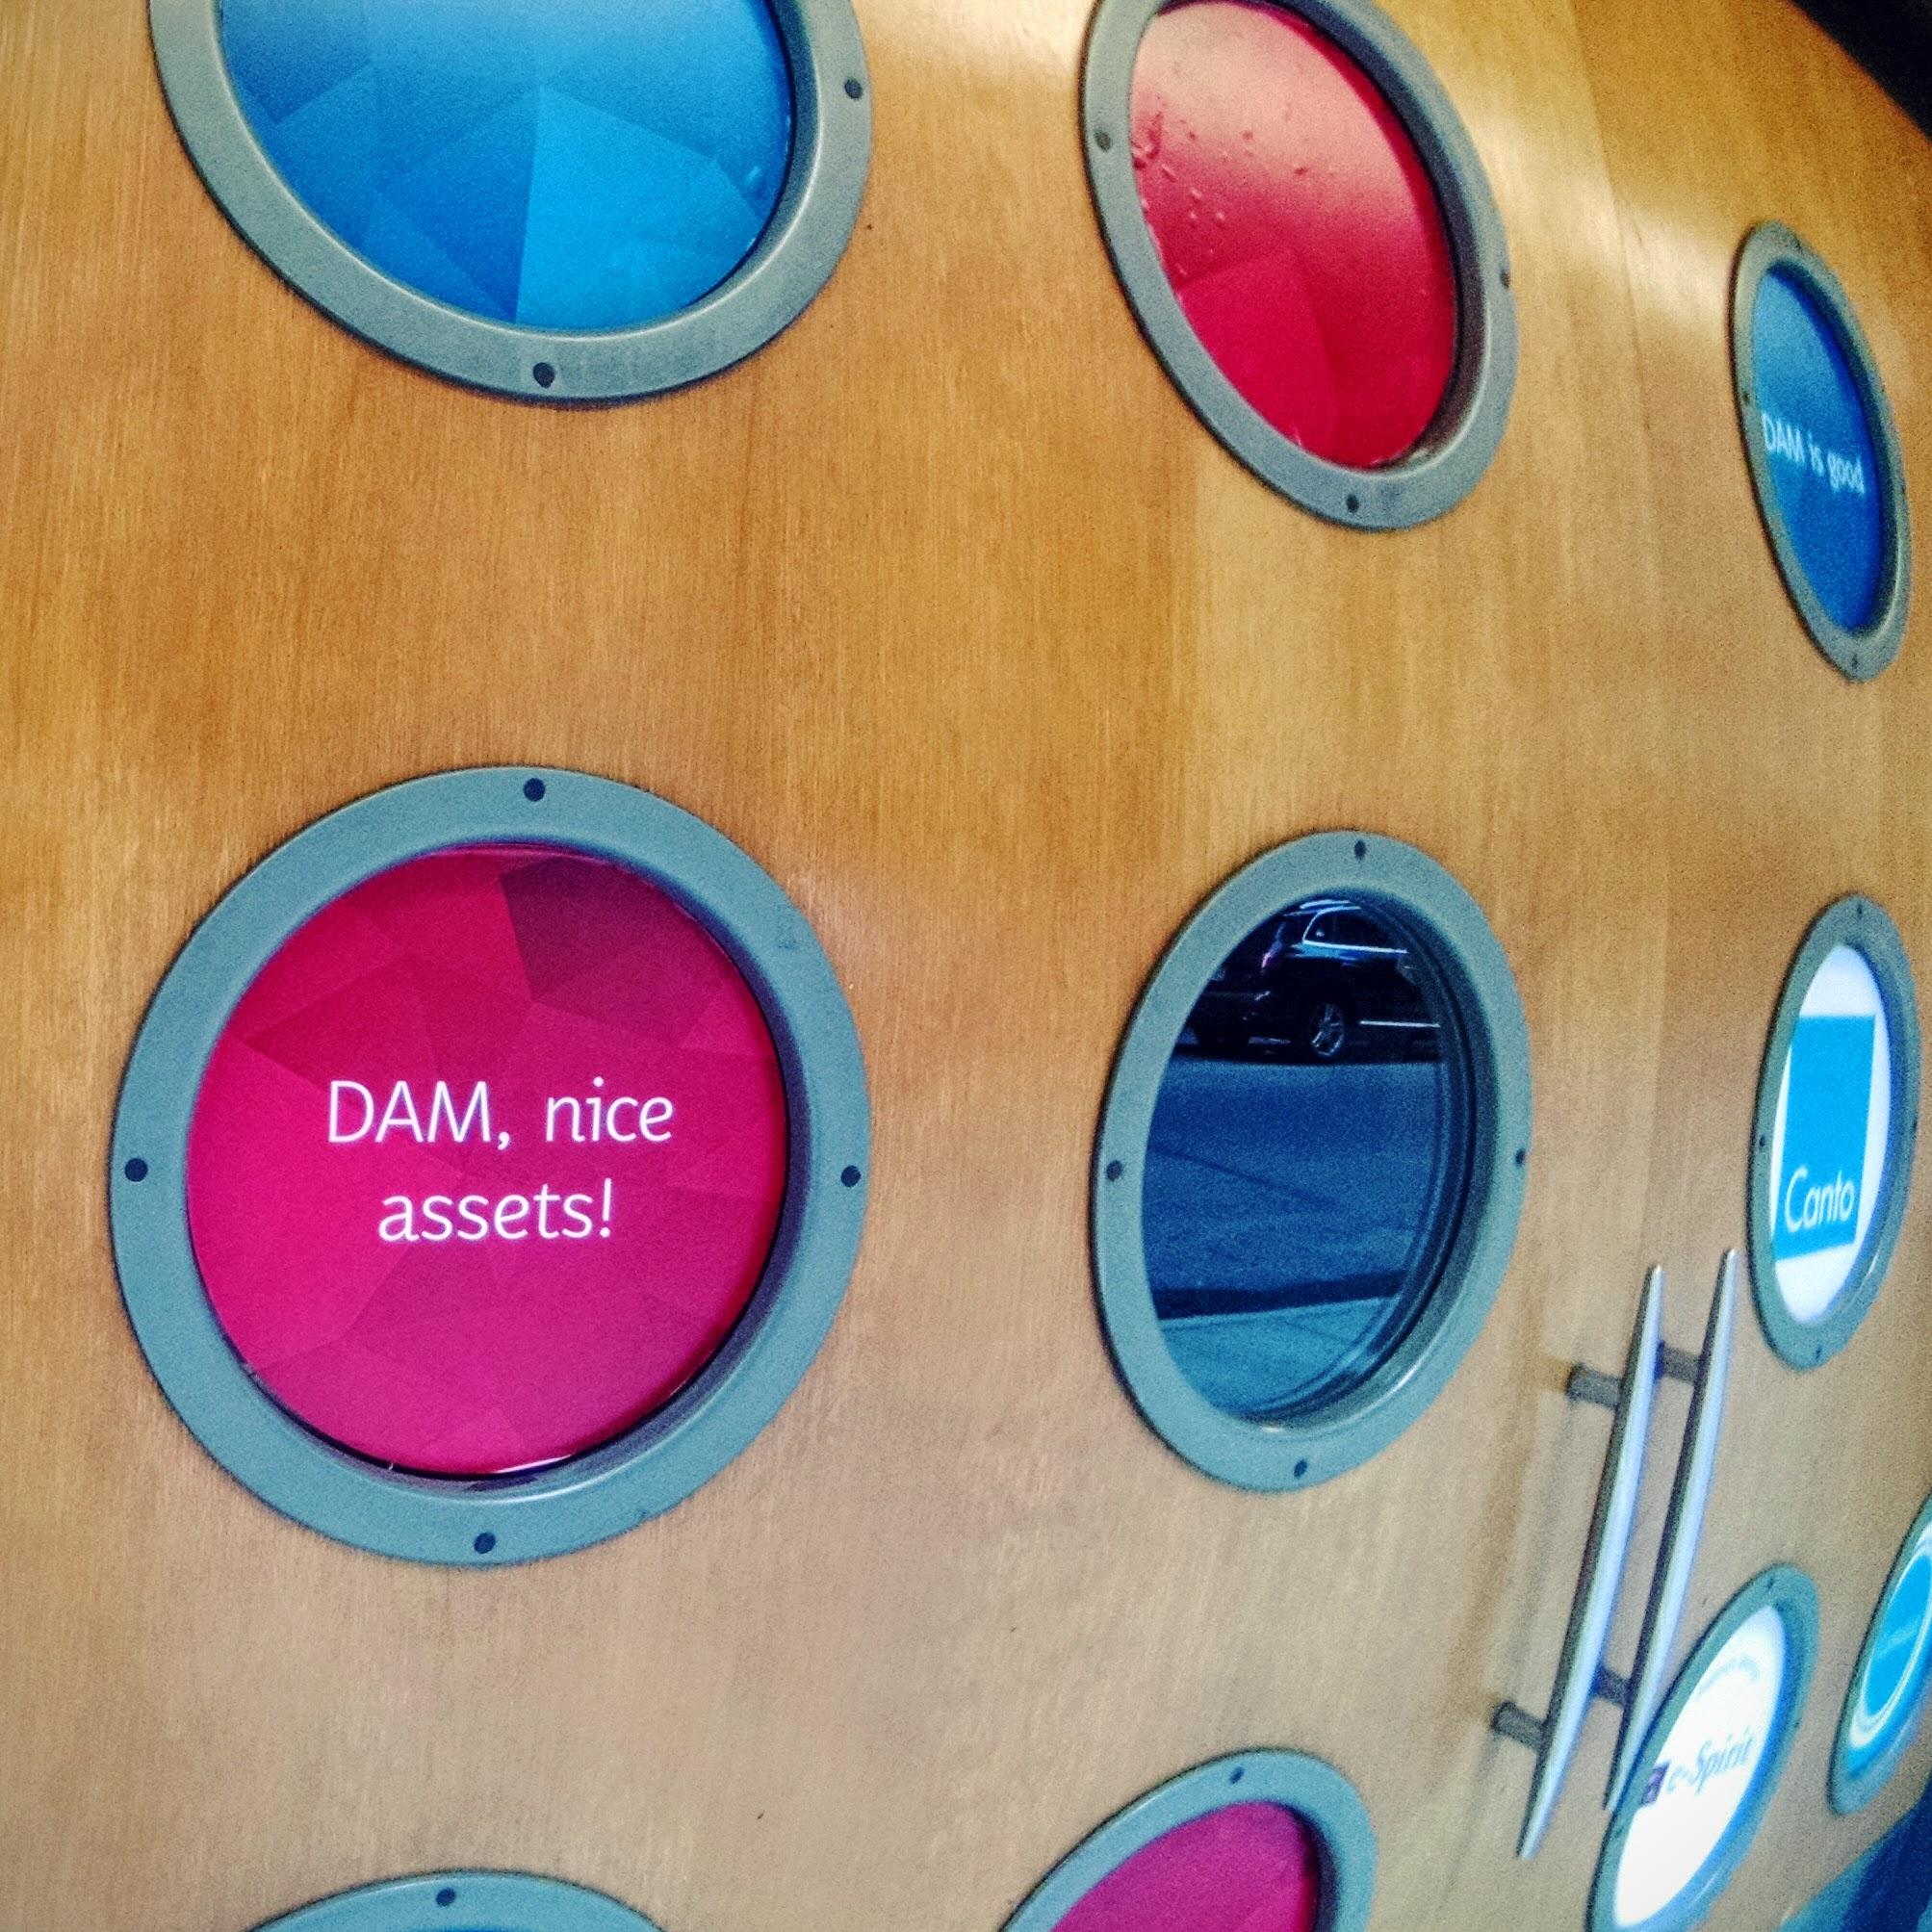 DAM nice assets porthole signage